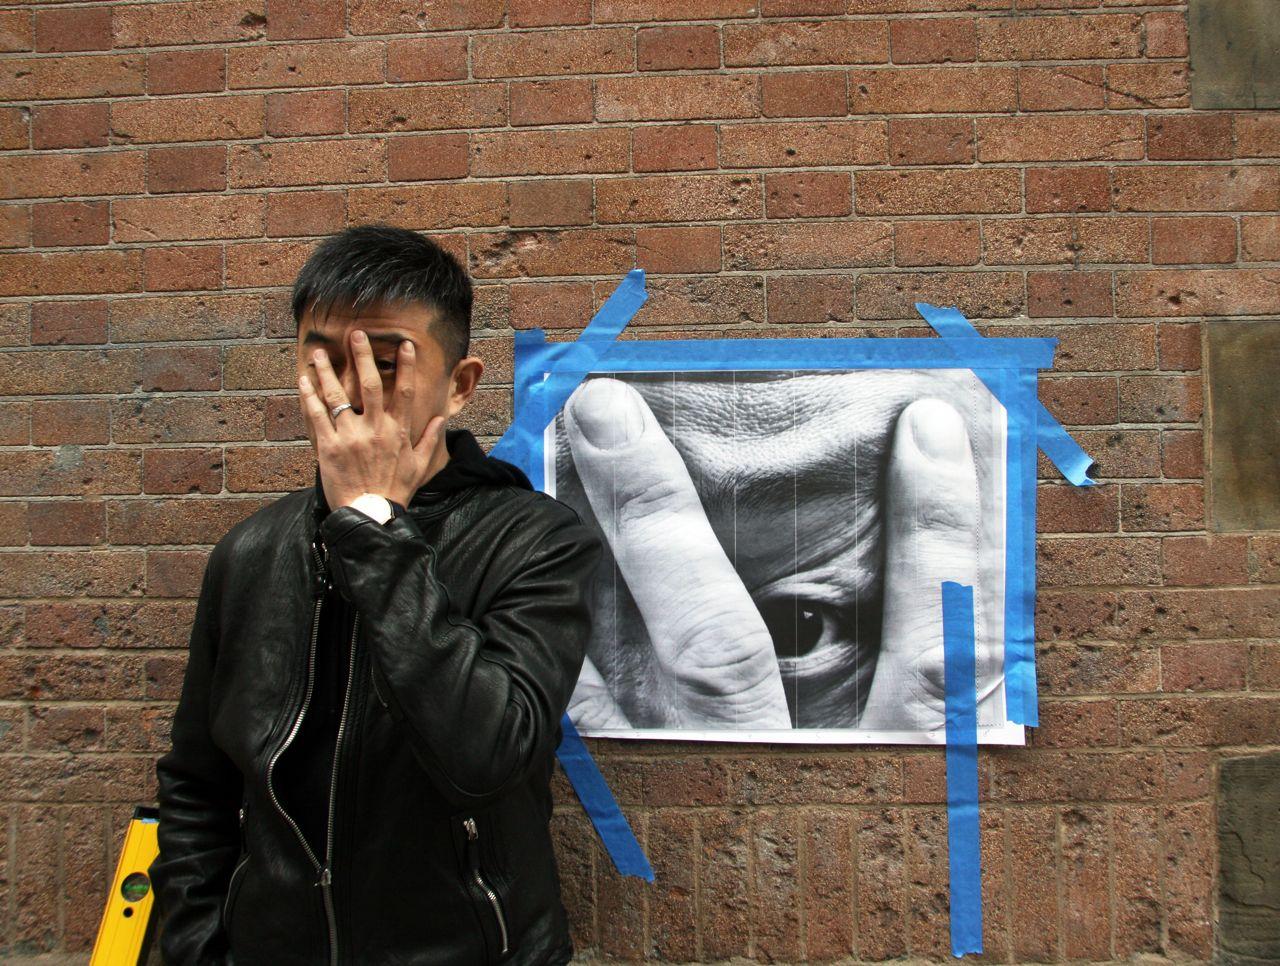 Liu Bolin JR NYC mural AM 02